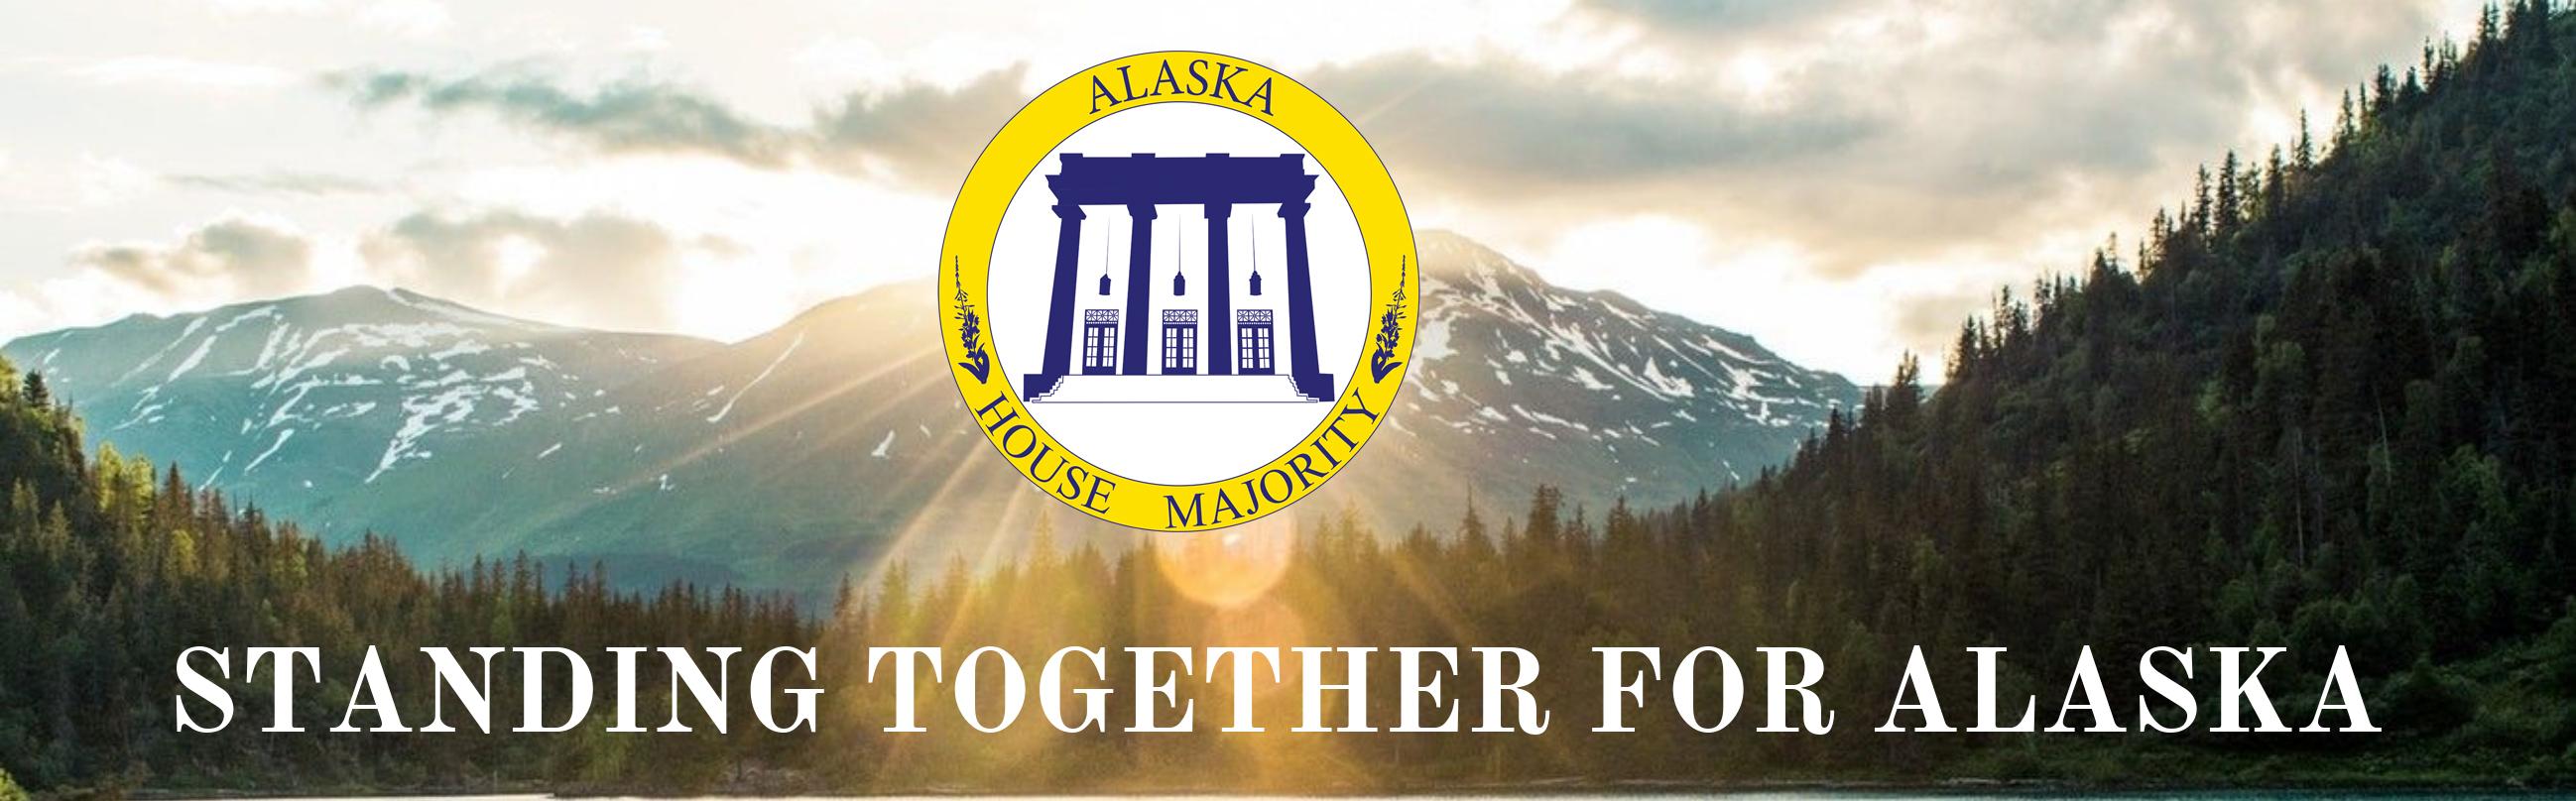 Alaska House Majority Coalition